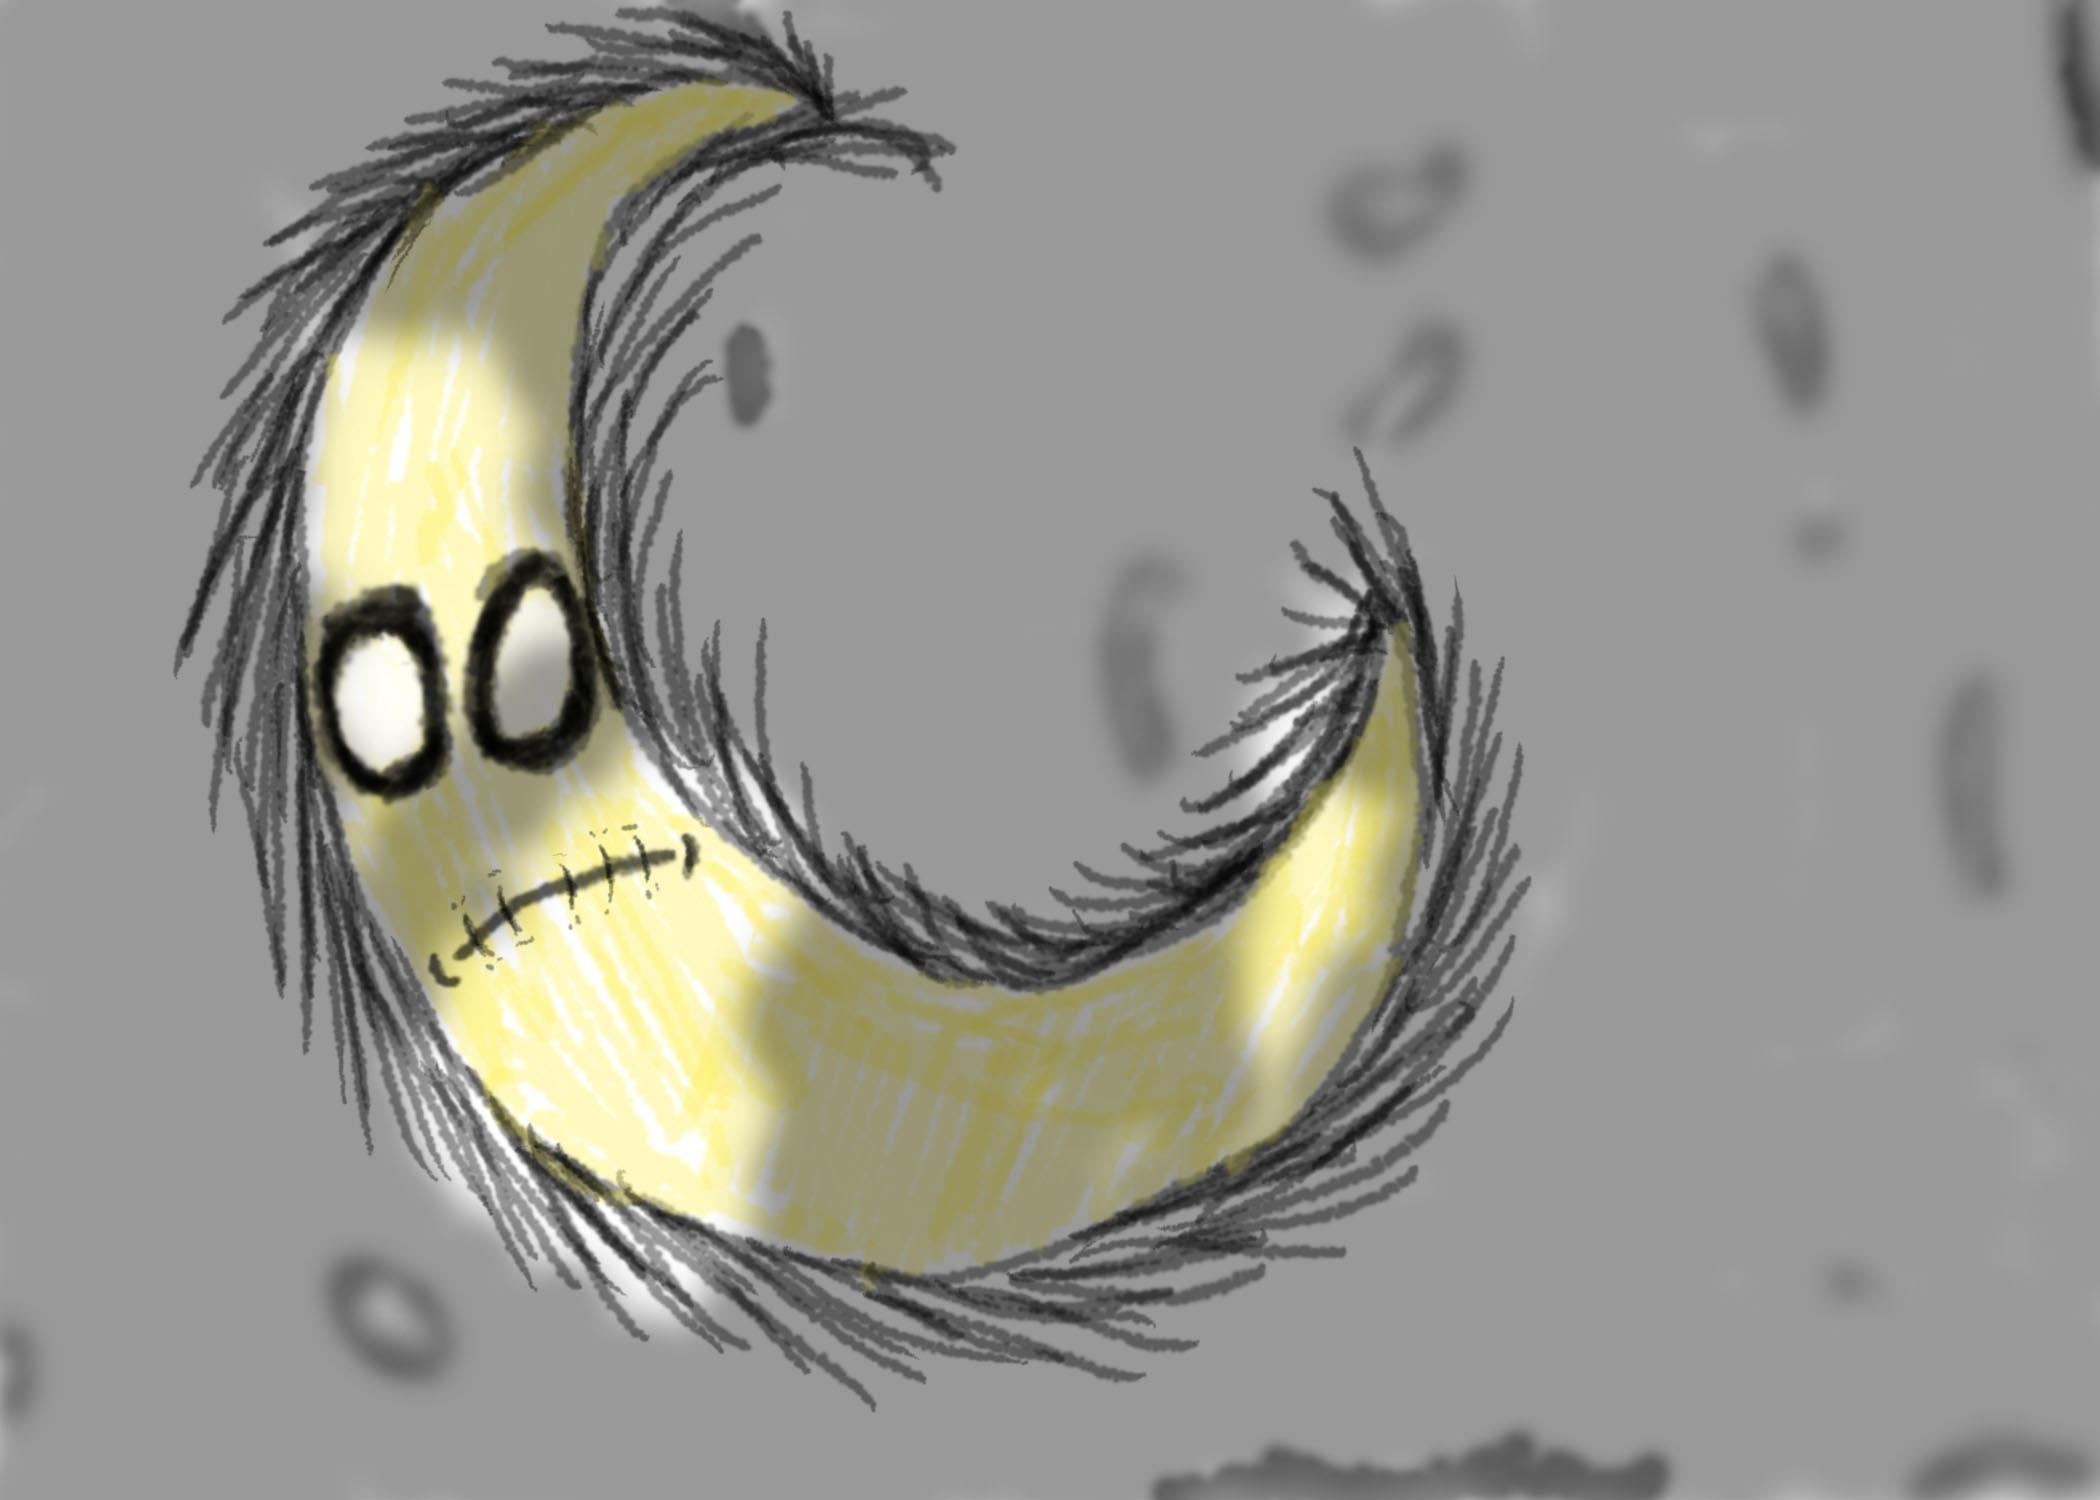 Dispairing Moon